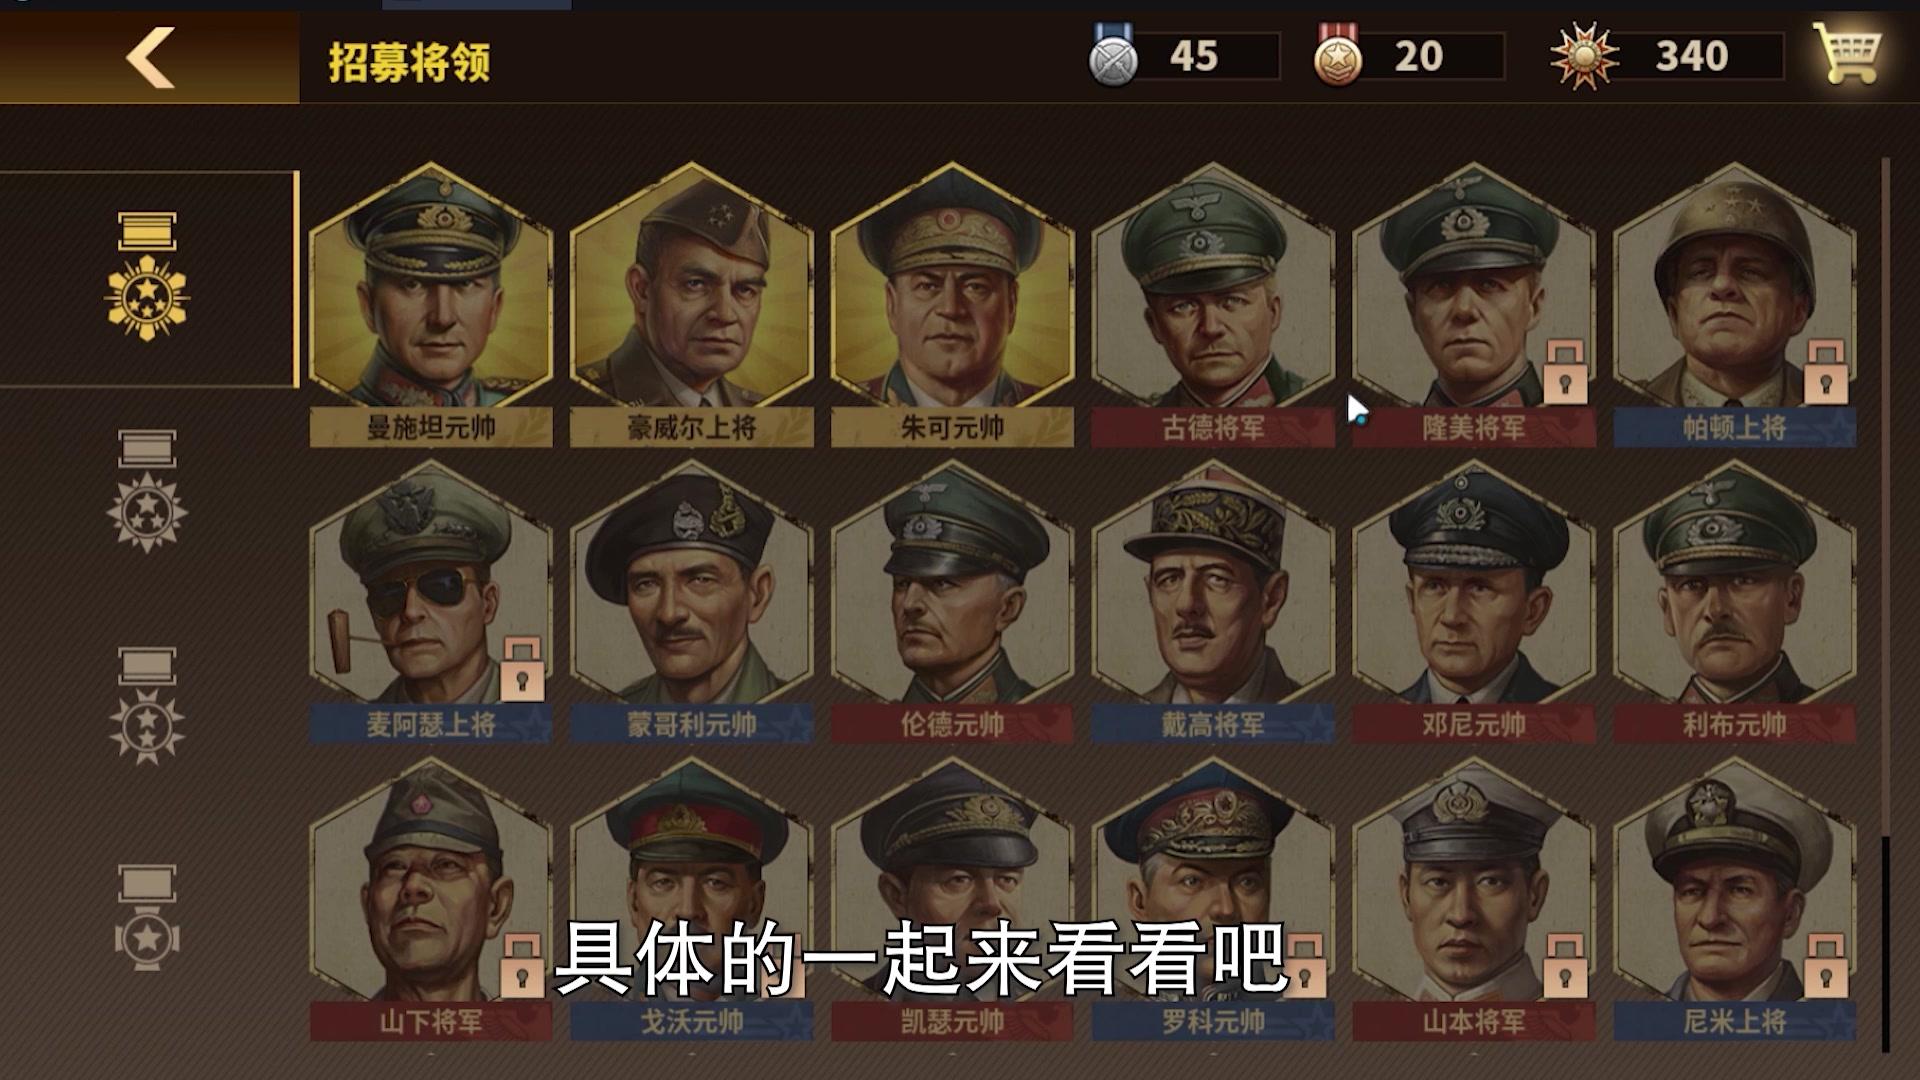 【鲜游速观】《钢铁命令:将军的荣耀3》人物介绍